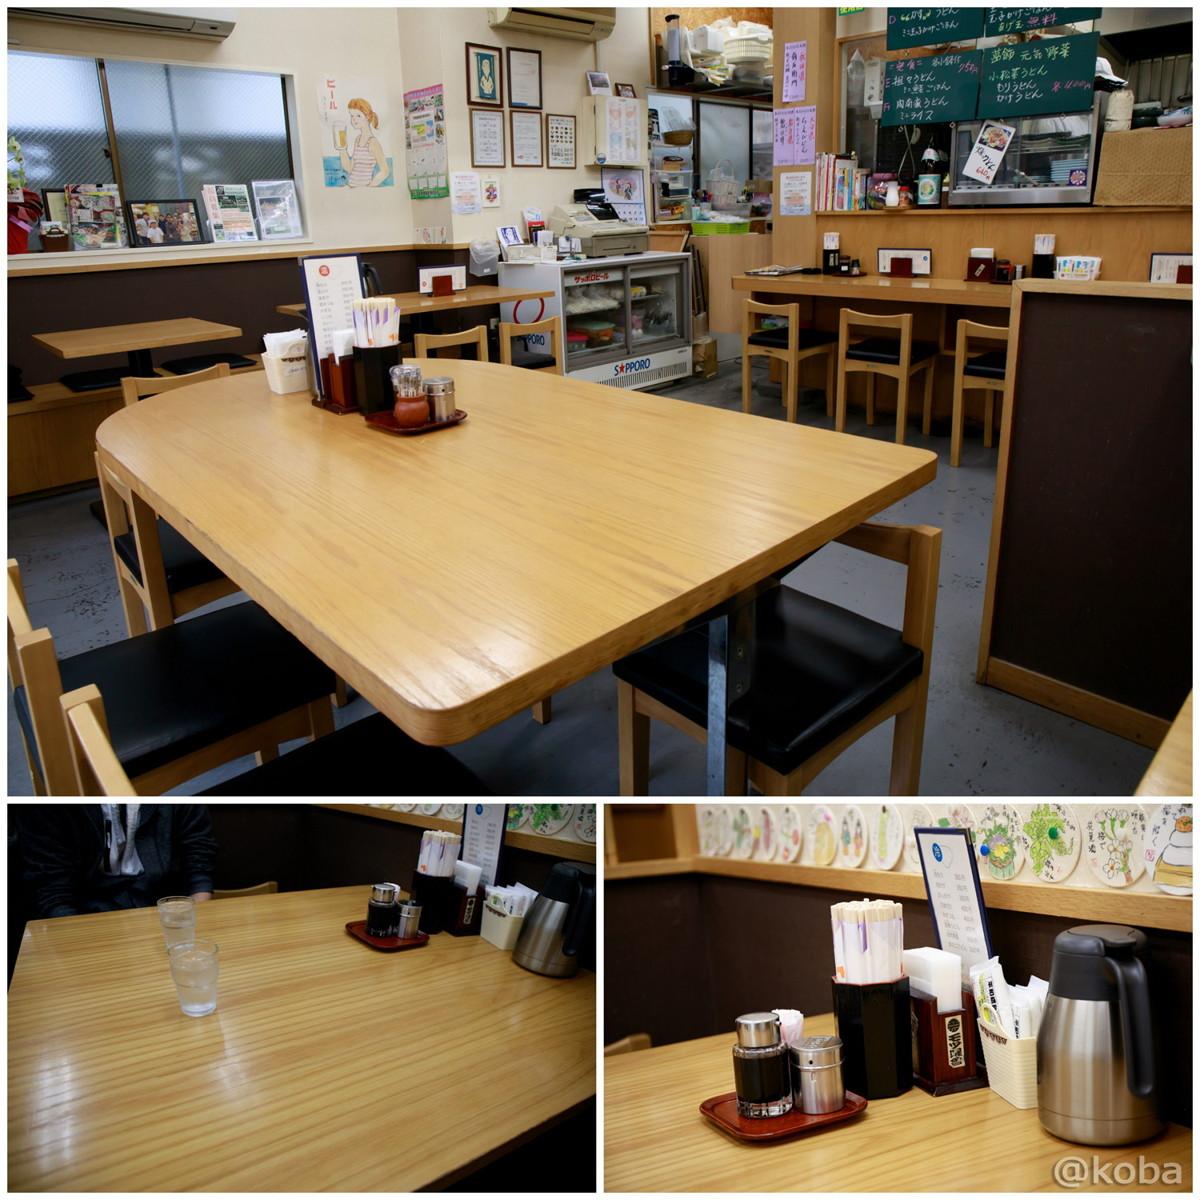 内観の写真 テーブル席 カウンター席 ランチ│東京 立石 四つ木製麺所(よつぎせいめんじょ)うどんのお店